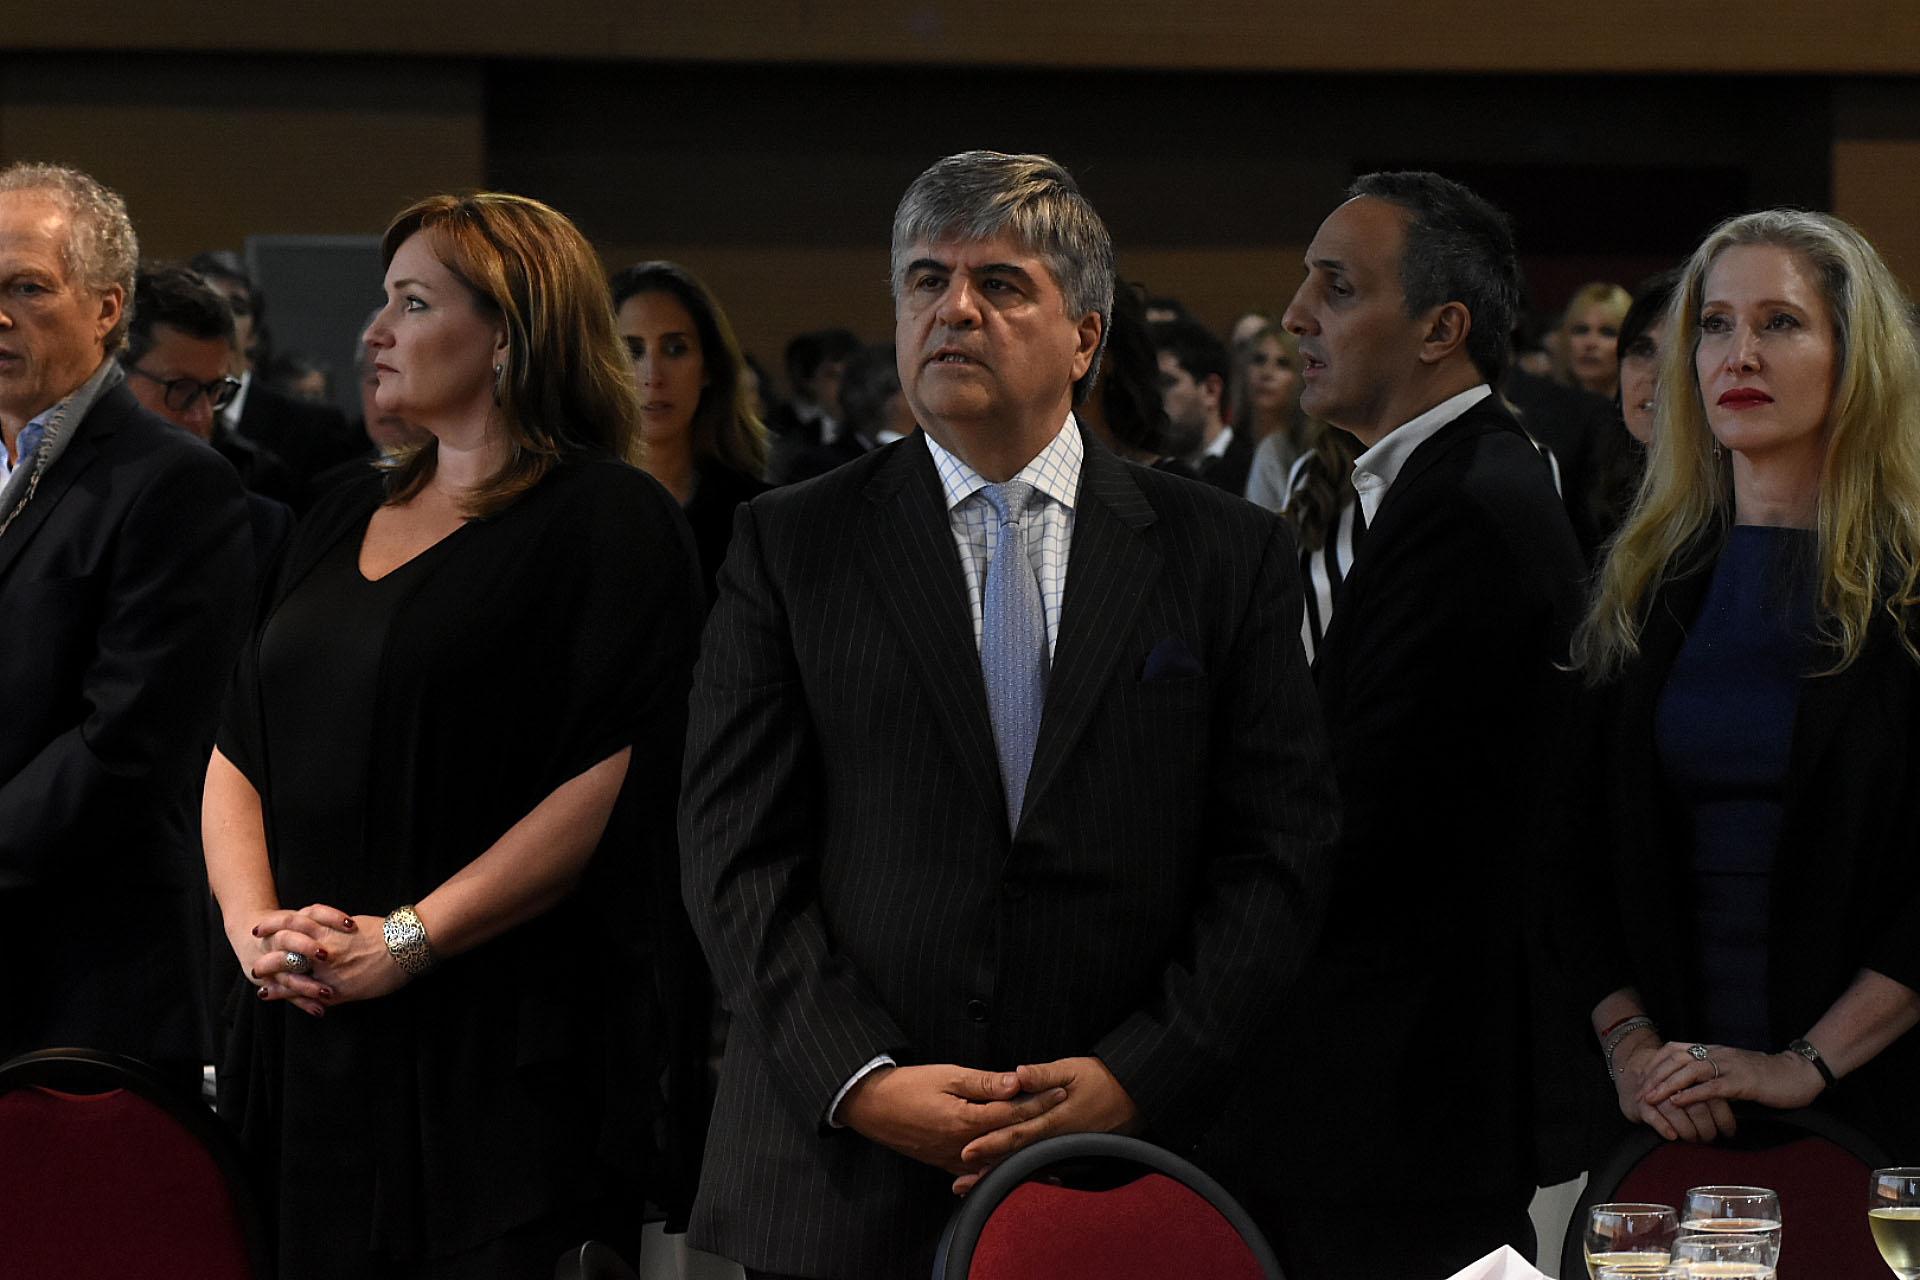 El presidente de YPF, Miguel Ángel Gutiérrez